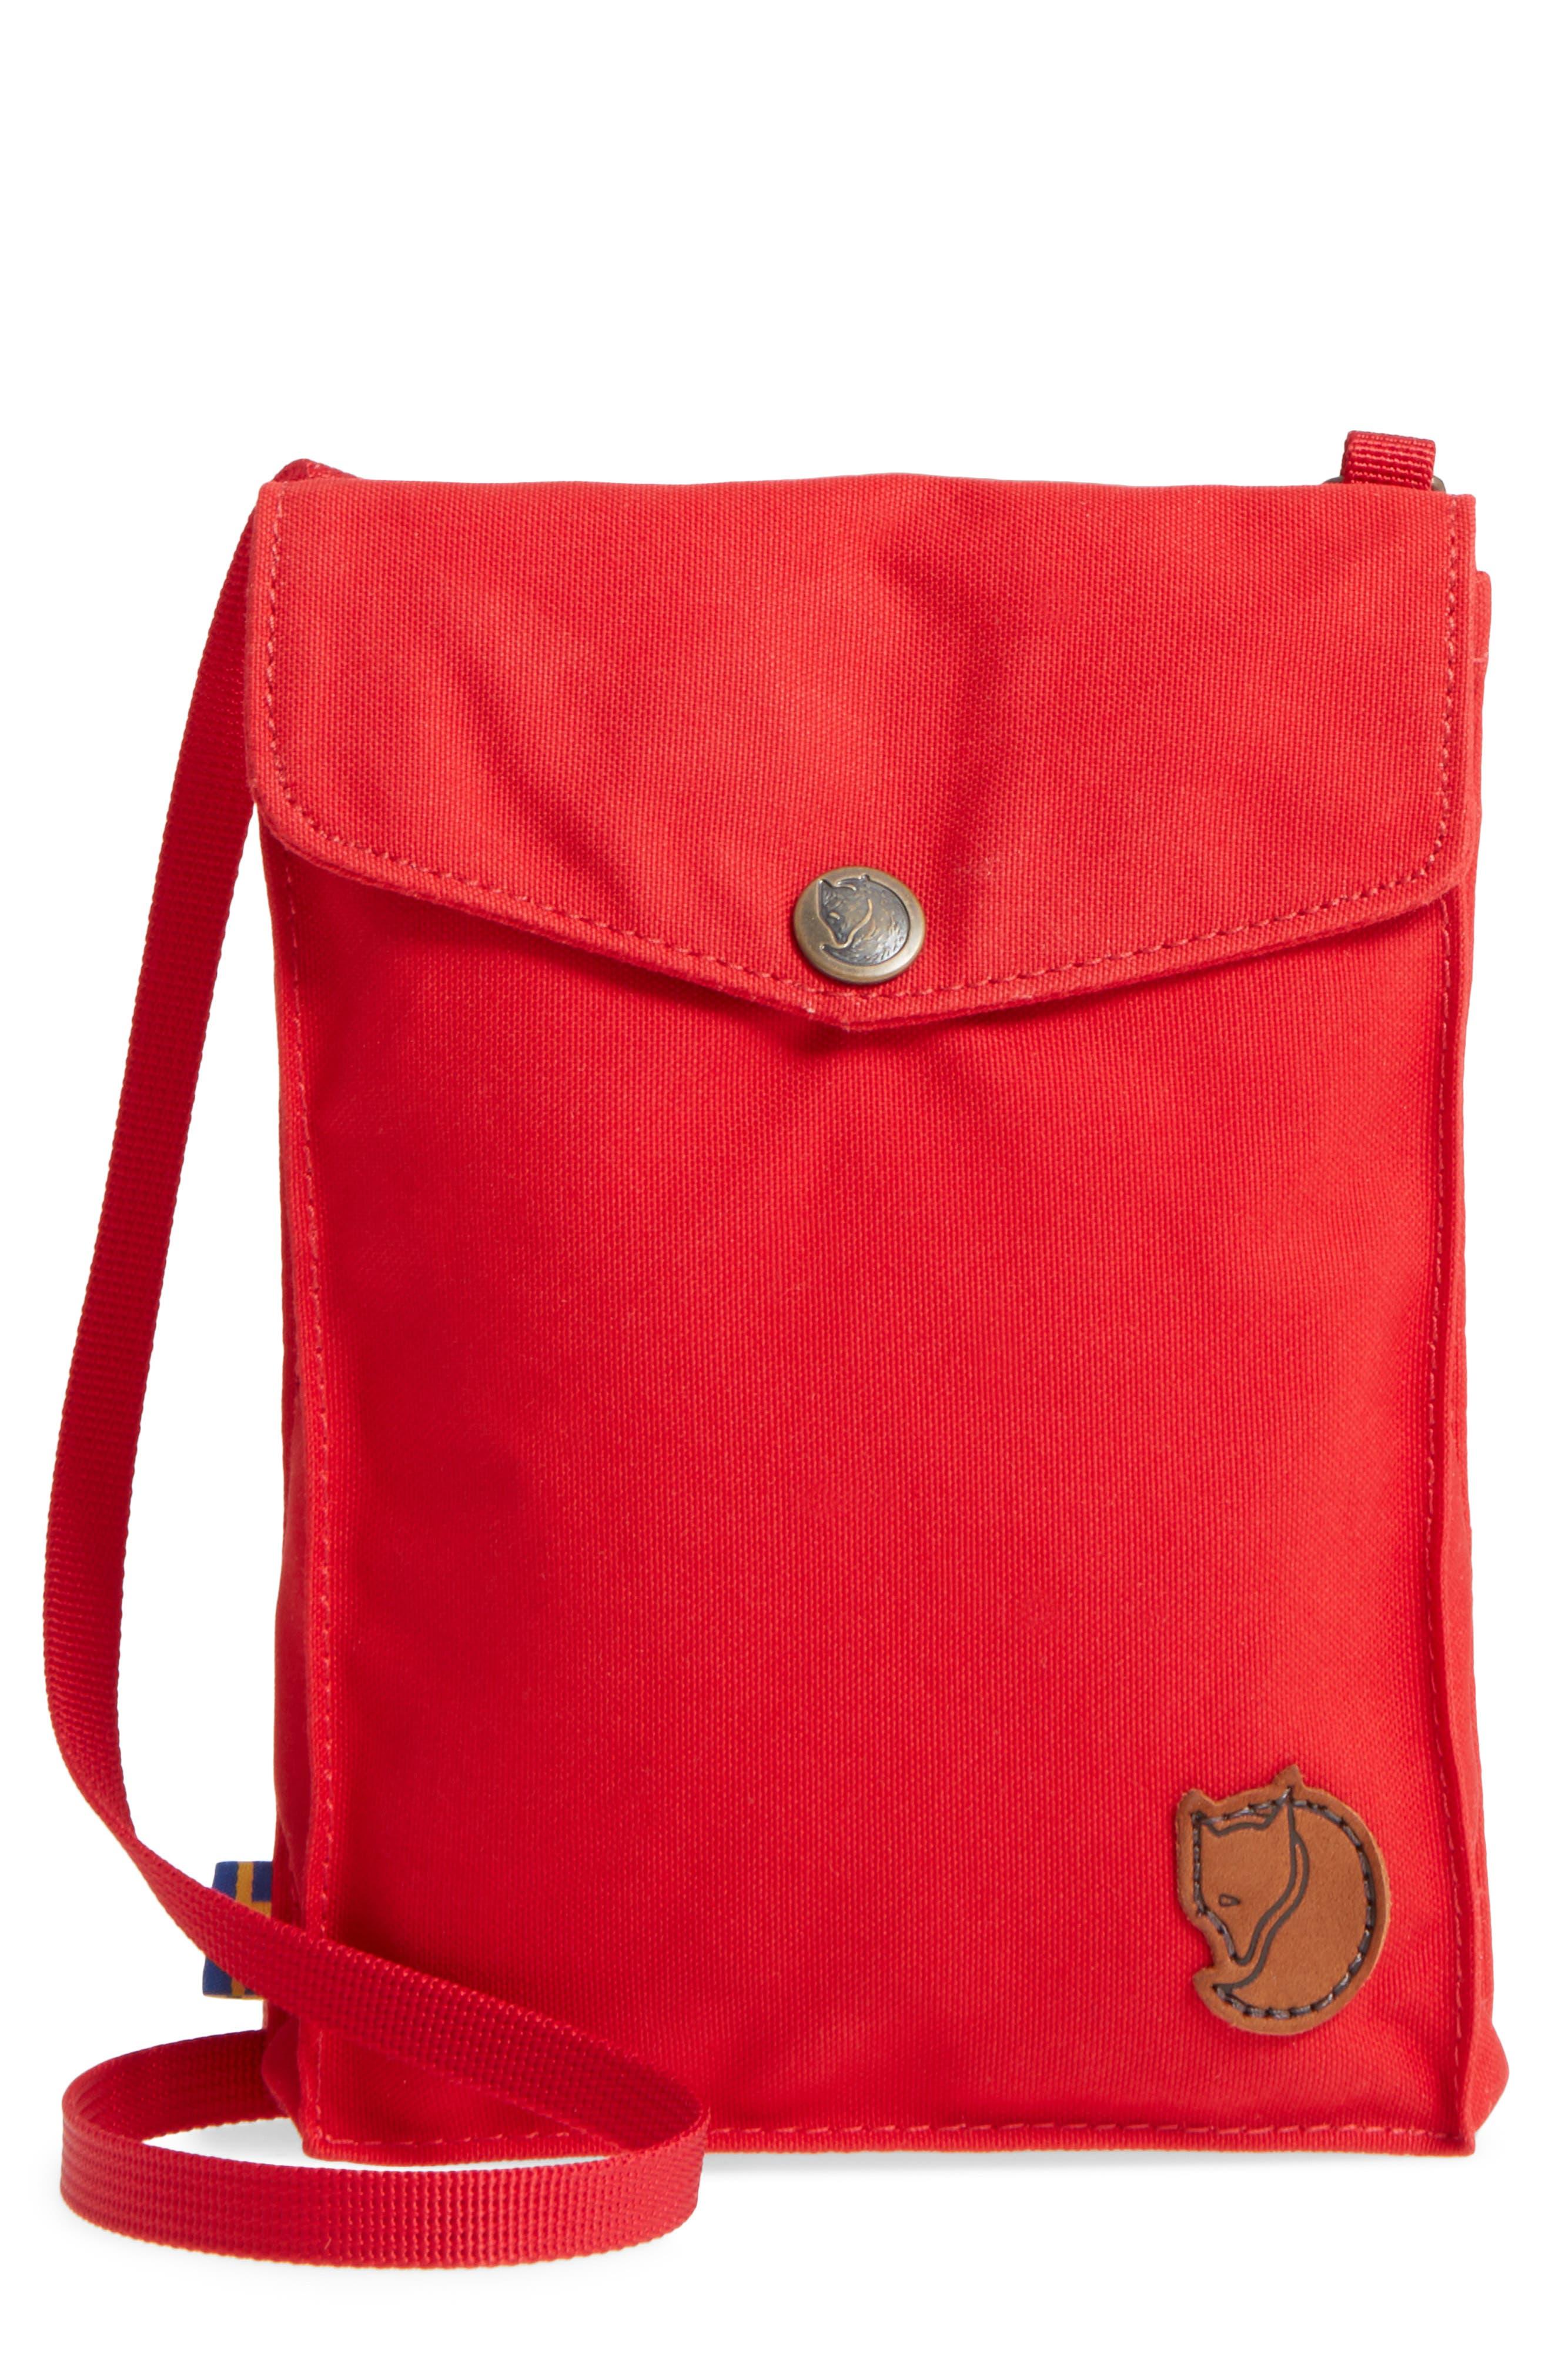 Fjällräven Pocket Crossbody Bag